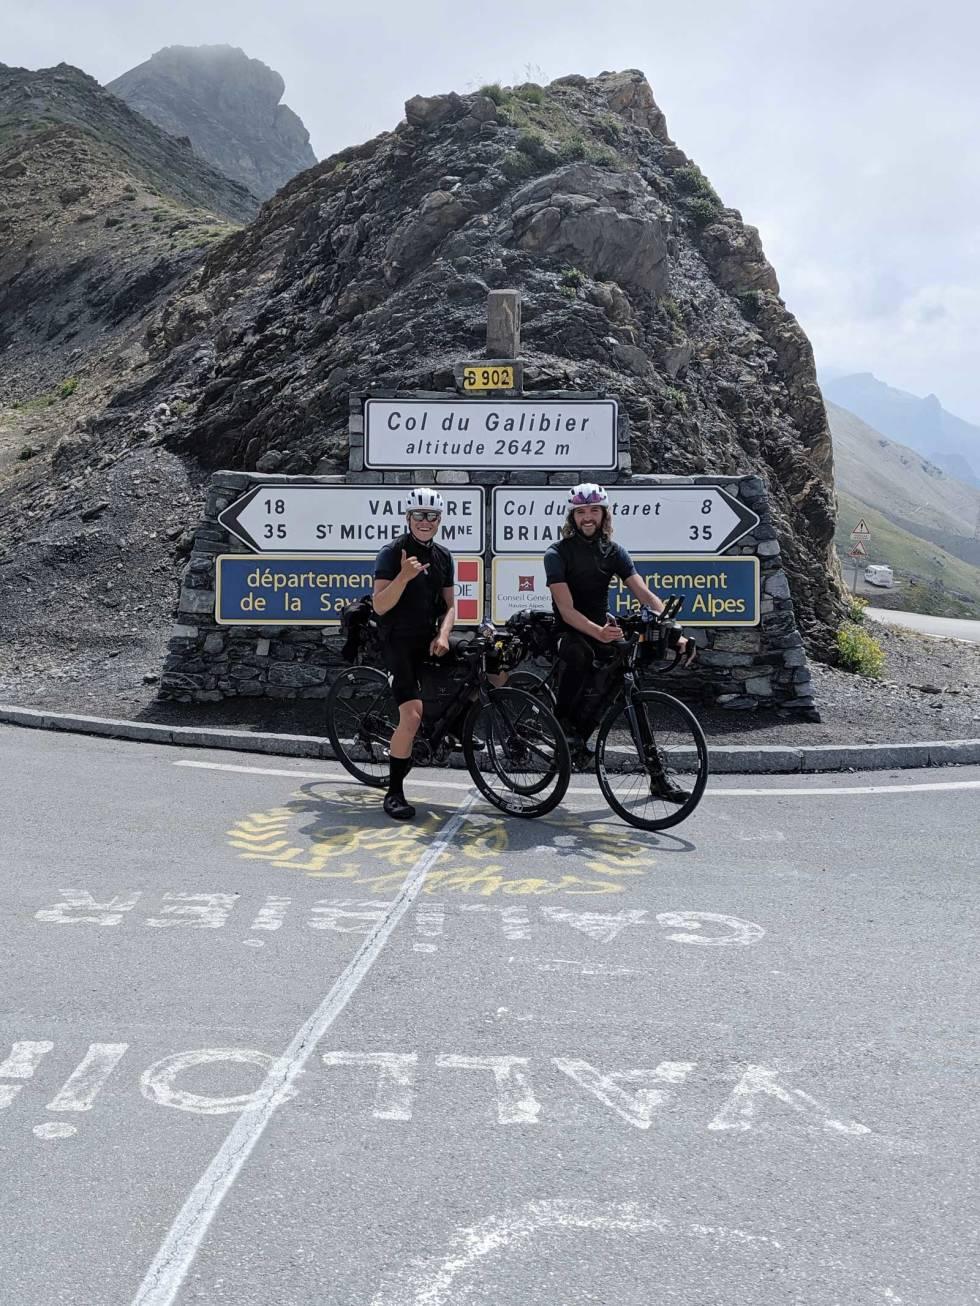 Nok et pass: Store deler av konkurransen foregikk i Alpene. Col du Galibier utgjorde snaue 2000 av nærmere 40000 høydemeter totalt.